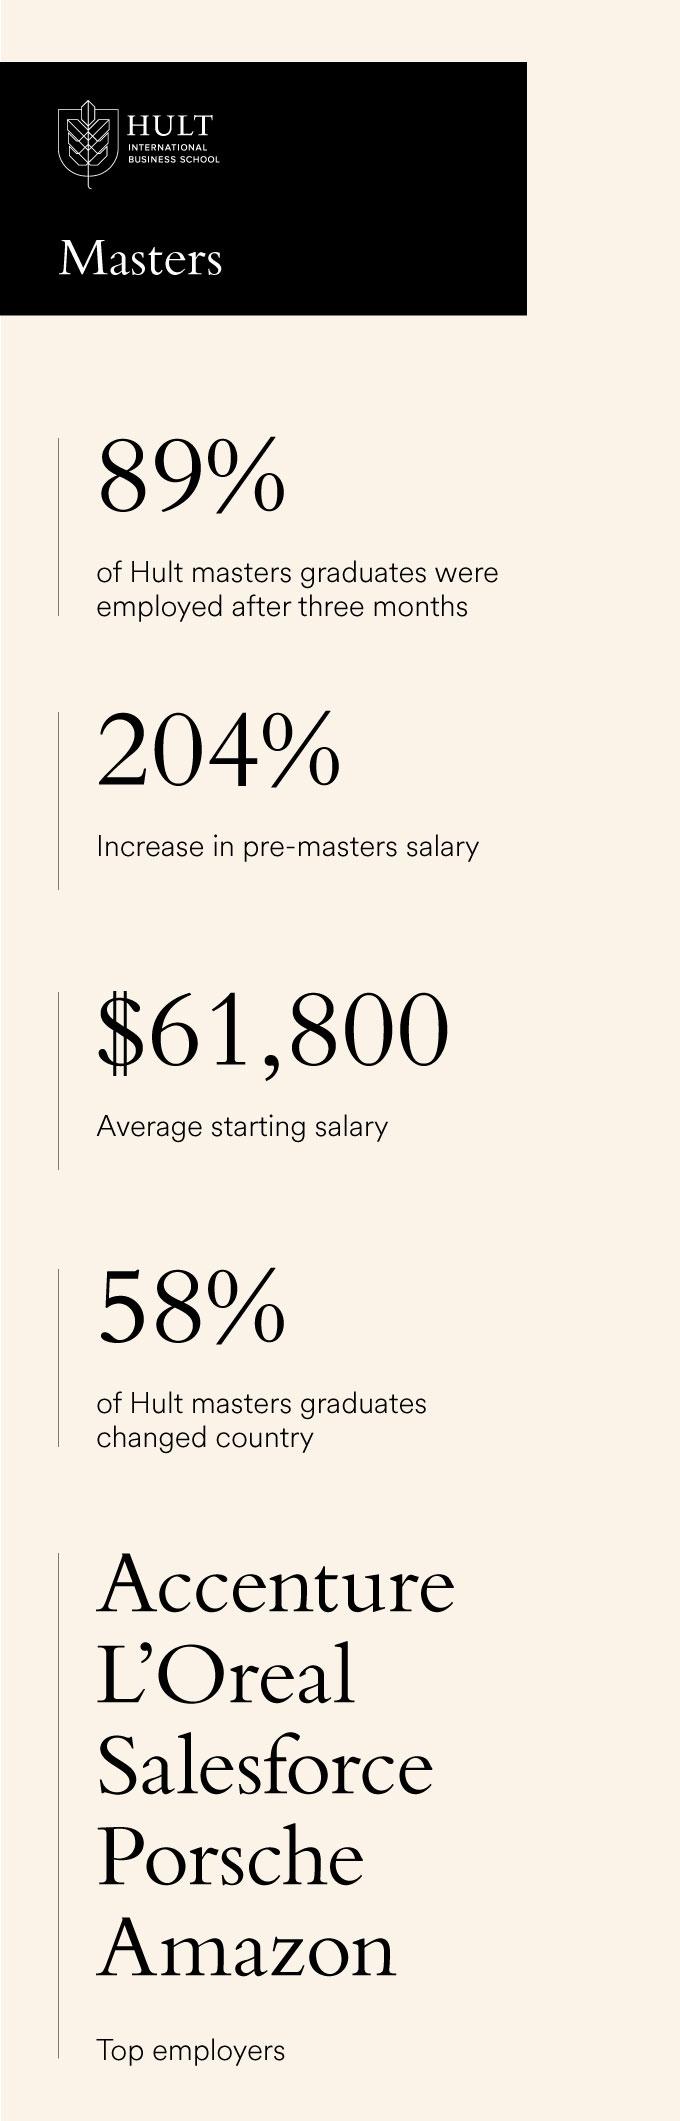 Hult-2019-MA-career-statistics